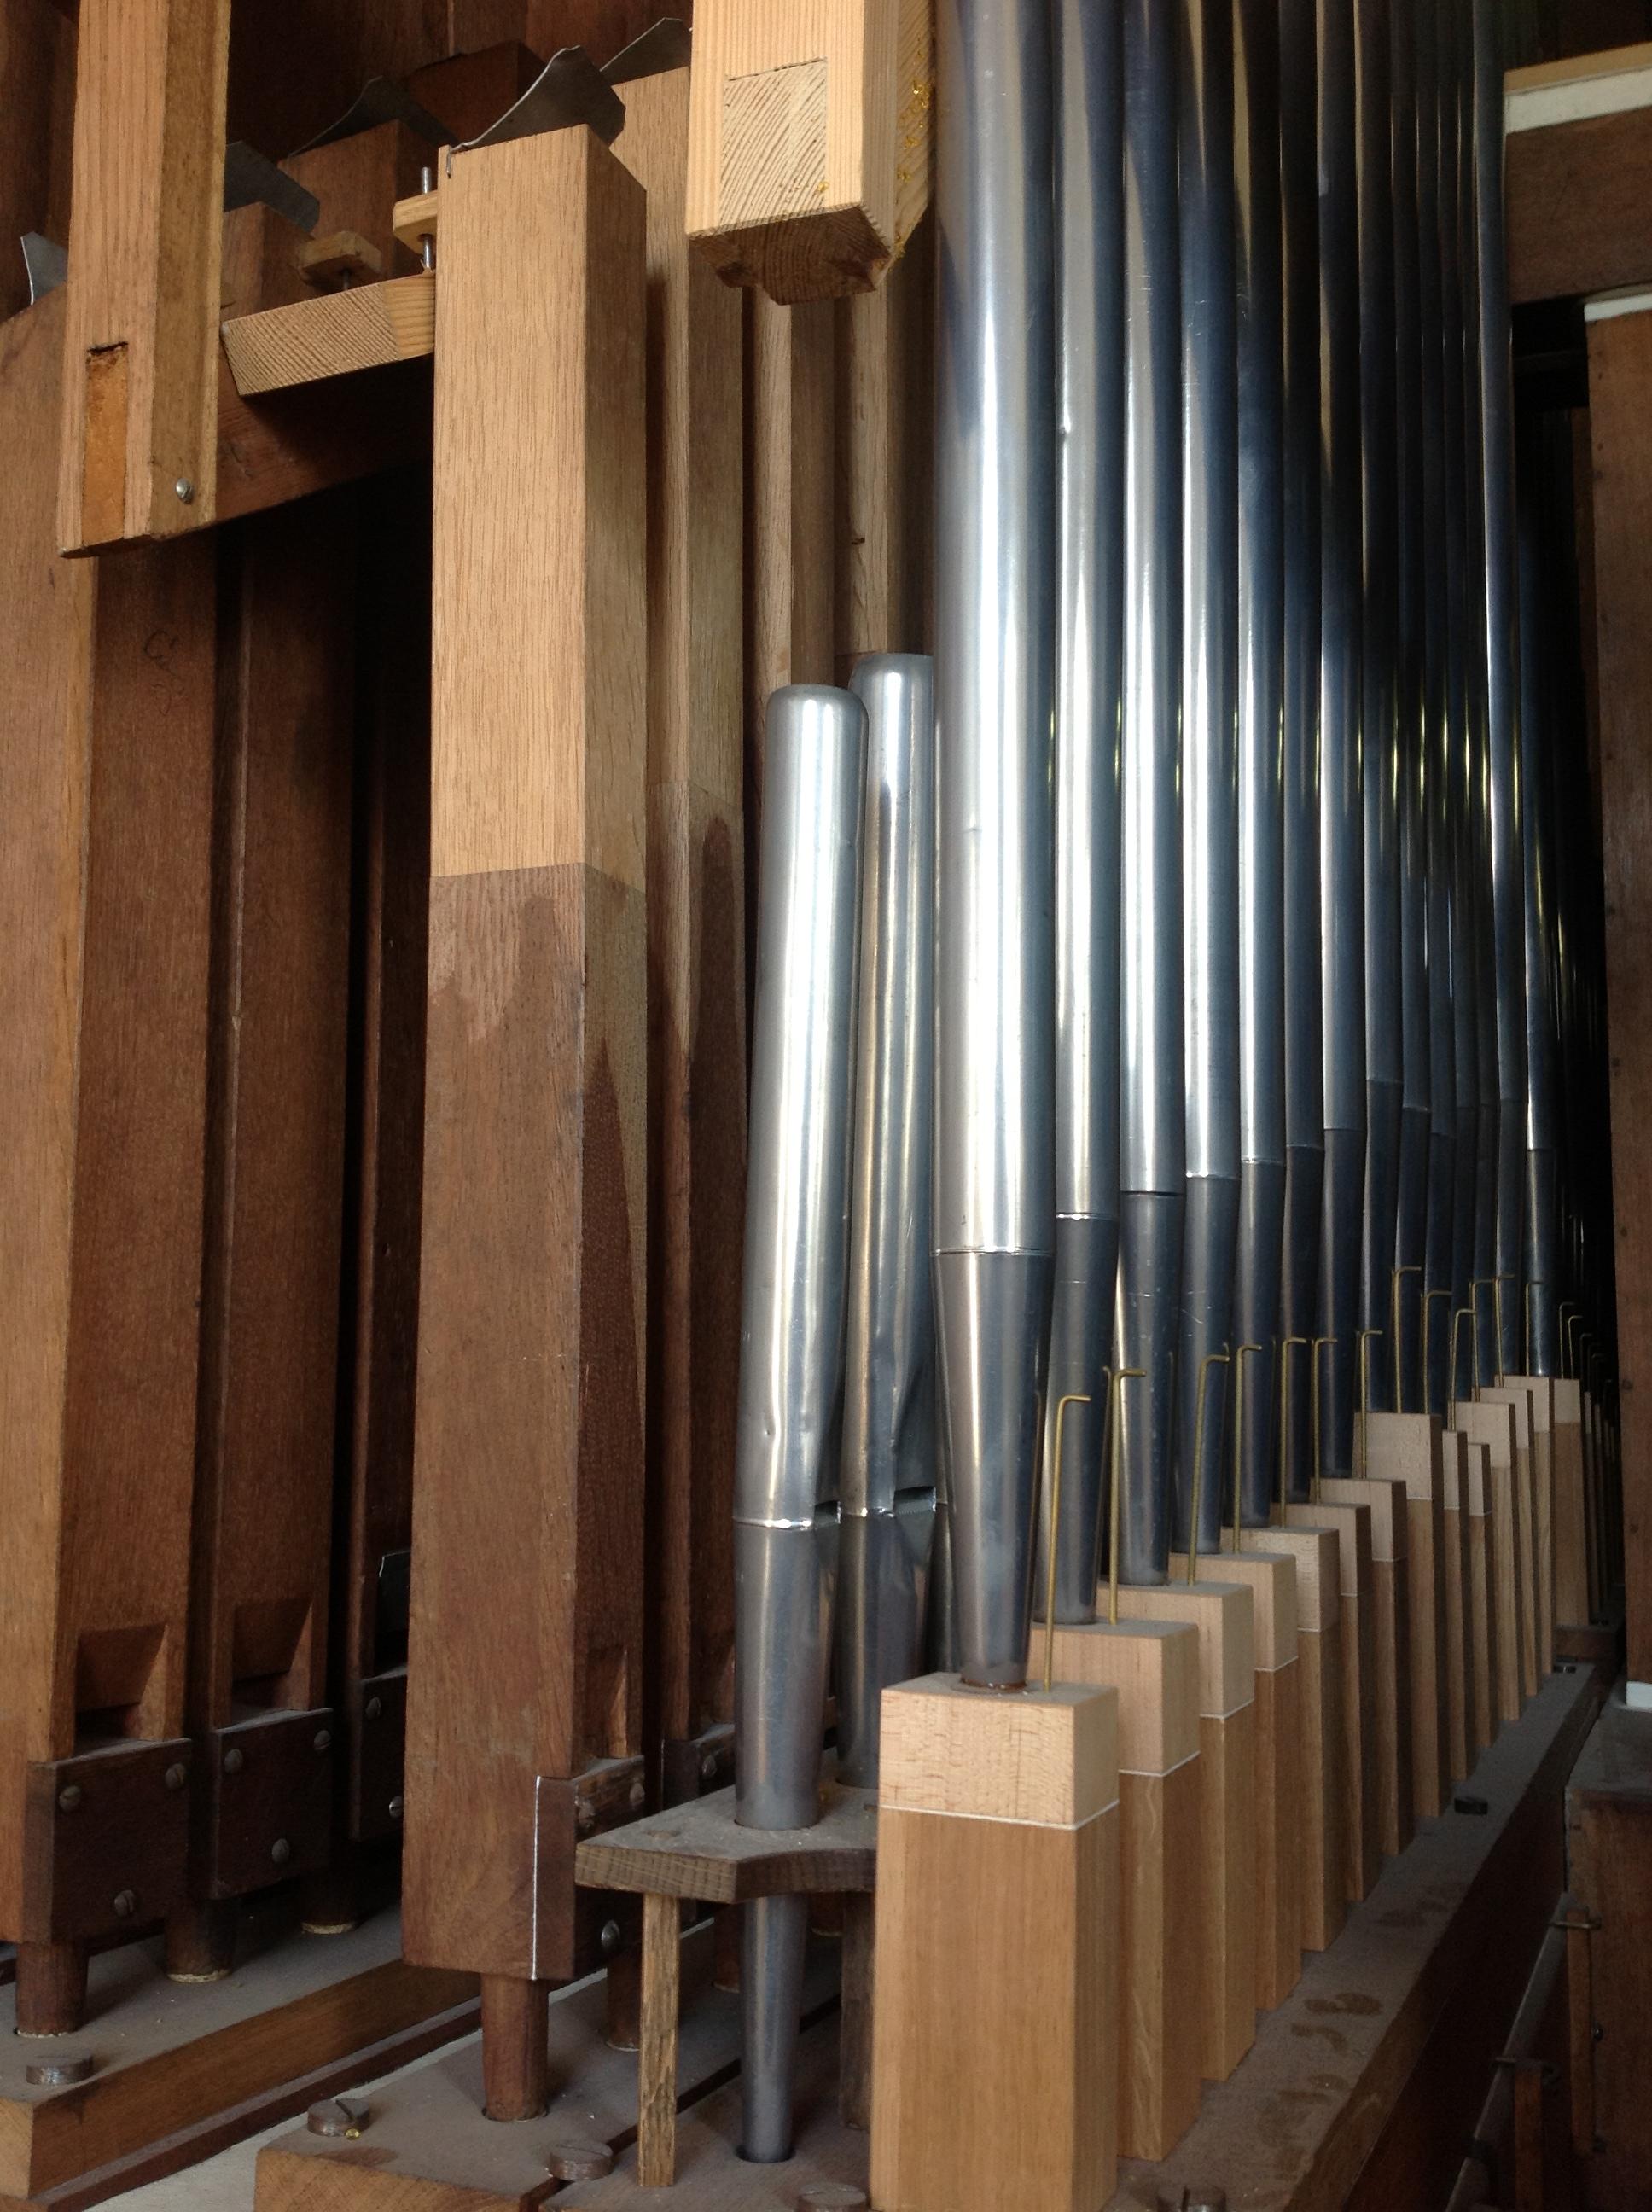 De firma Reil heeft op vakkundige wijze het houten pijpwerk gerestaureerd en in oude staat teruggebracht.